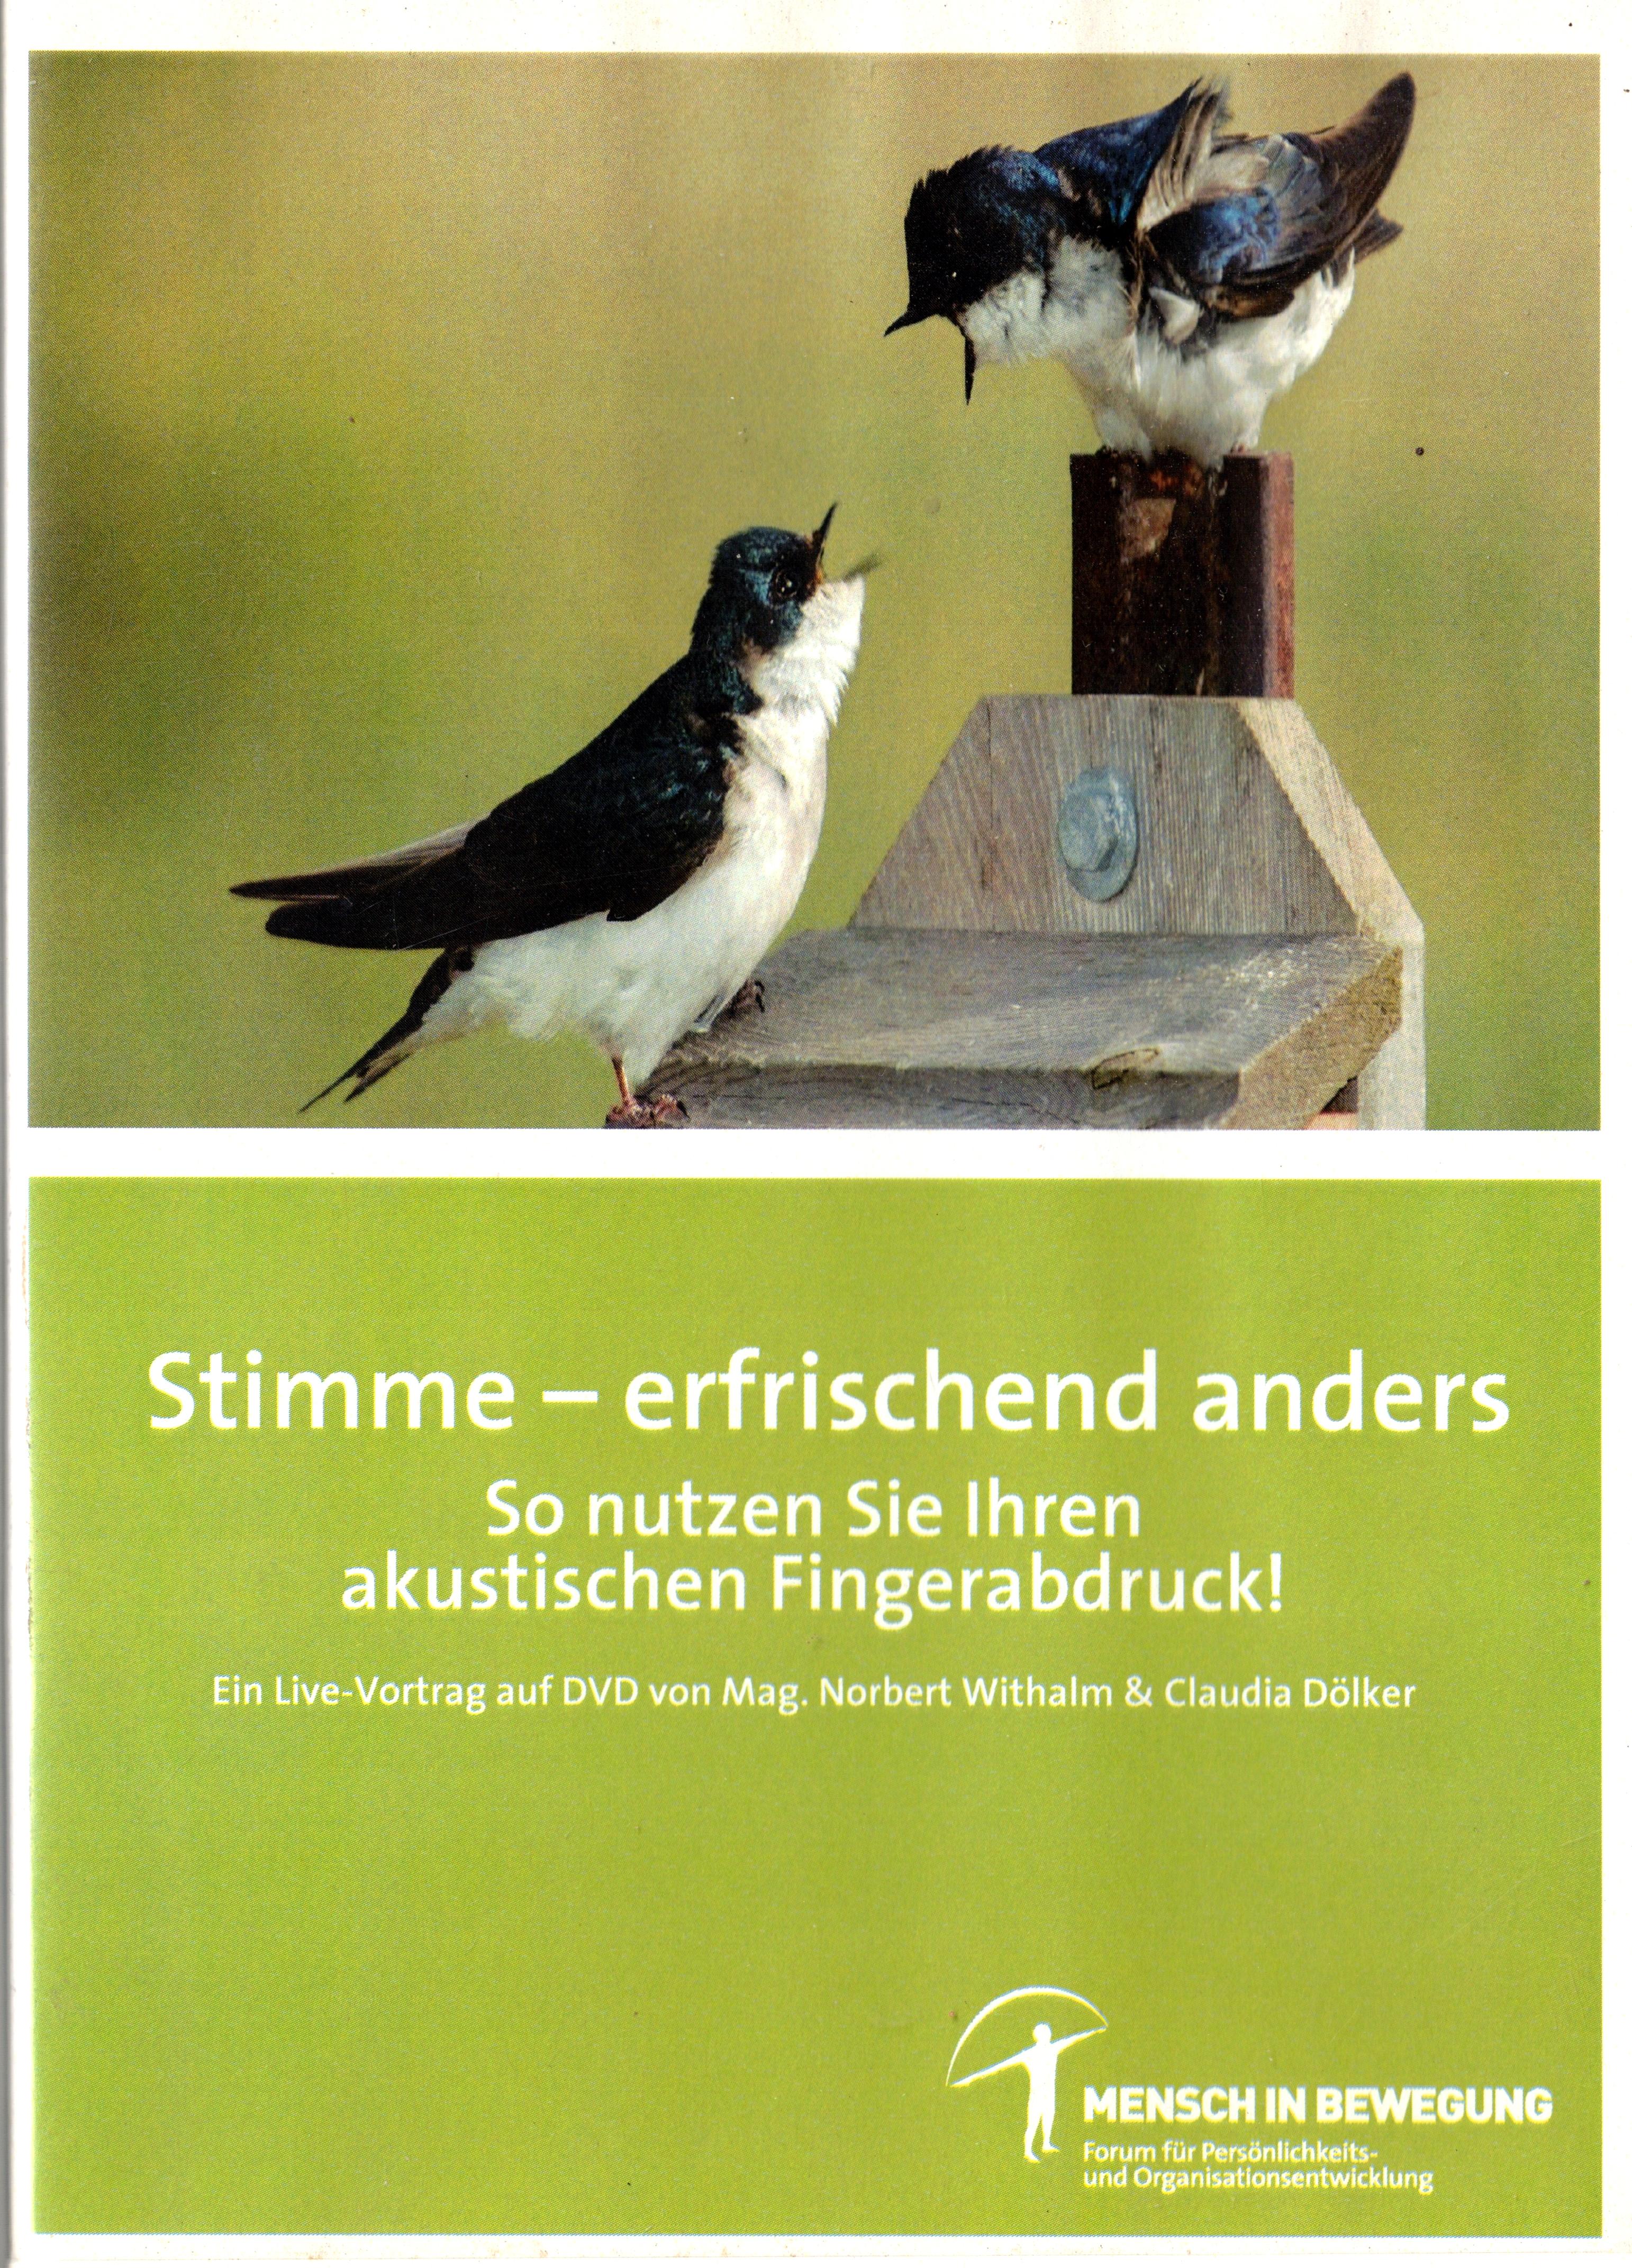 DVD-Workshop Stimme erfrischend anders - mit Norbert Withalm